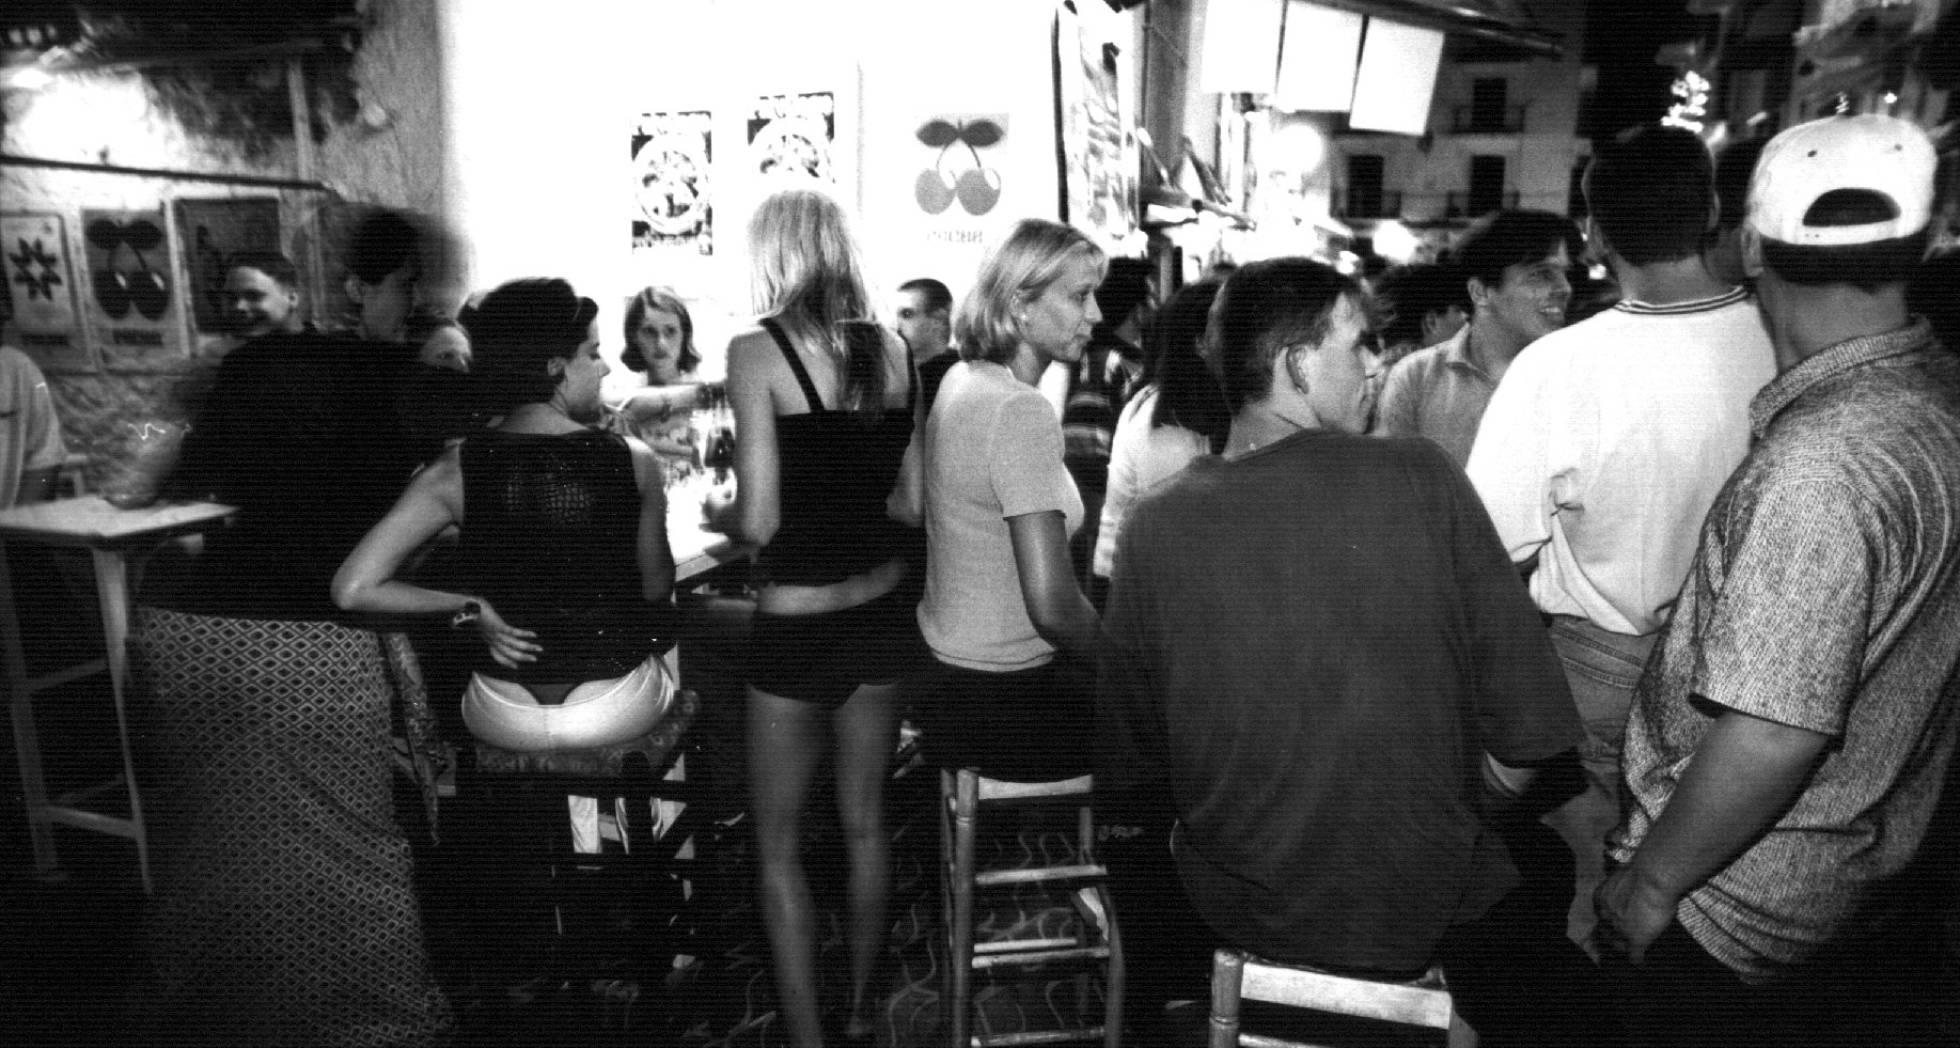 Jóvenes en un bar de Ibiza. VICENT MARÍ